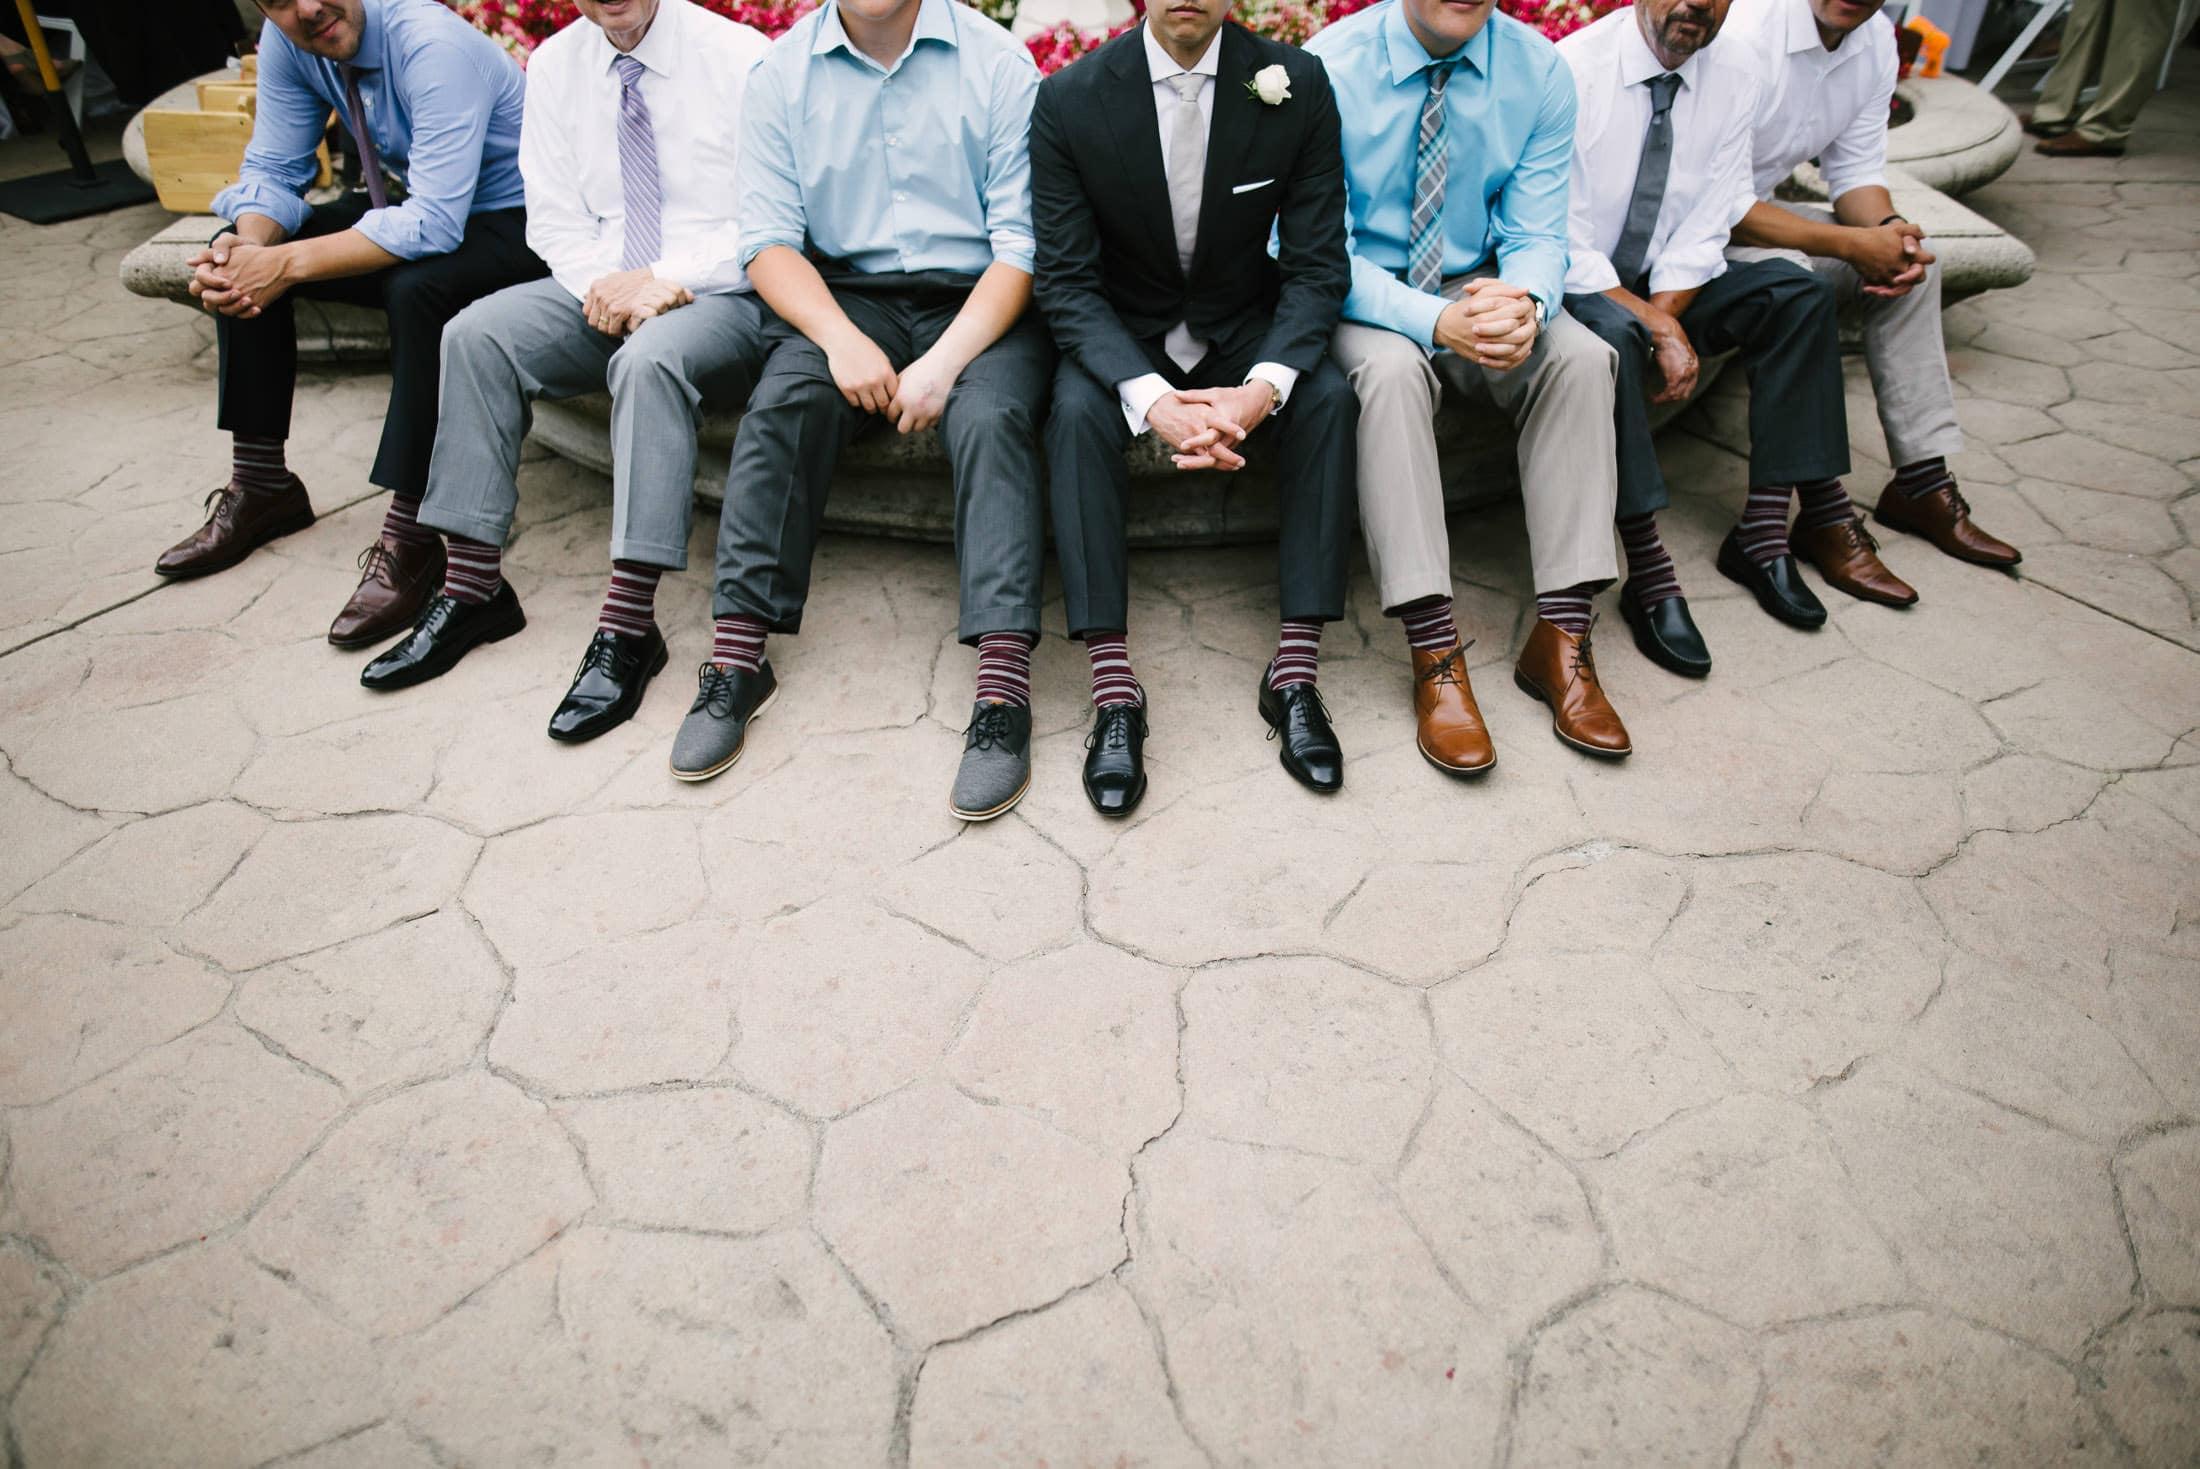 Hacienda de las Flores Wedding Matching Socks